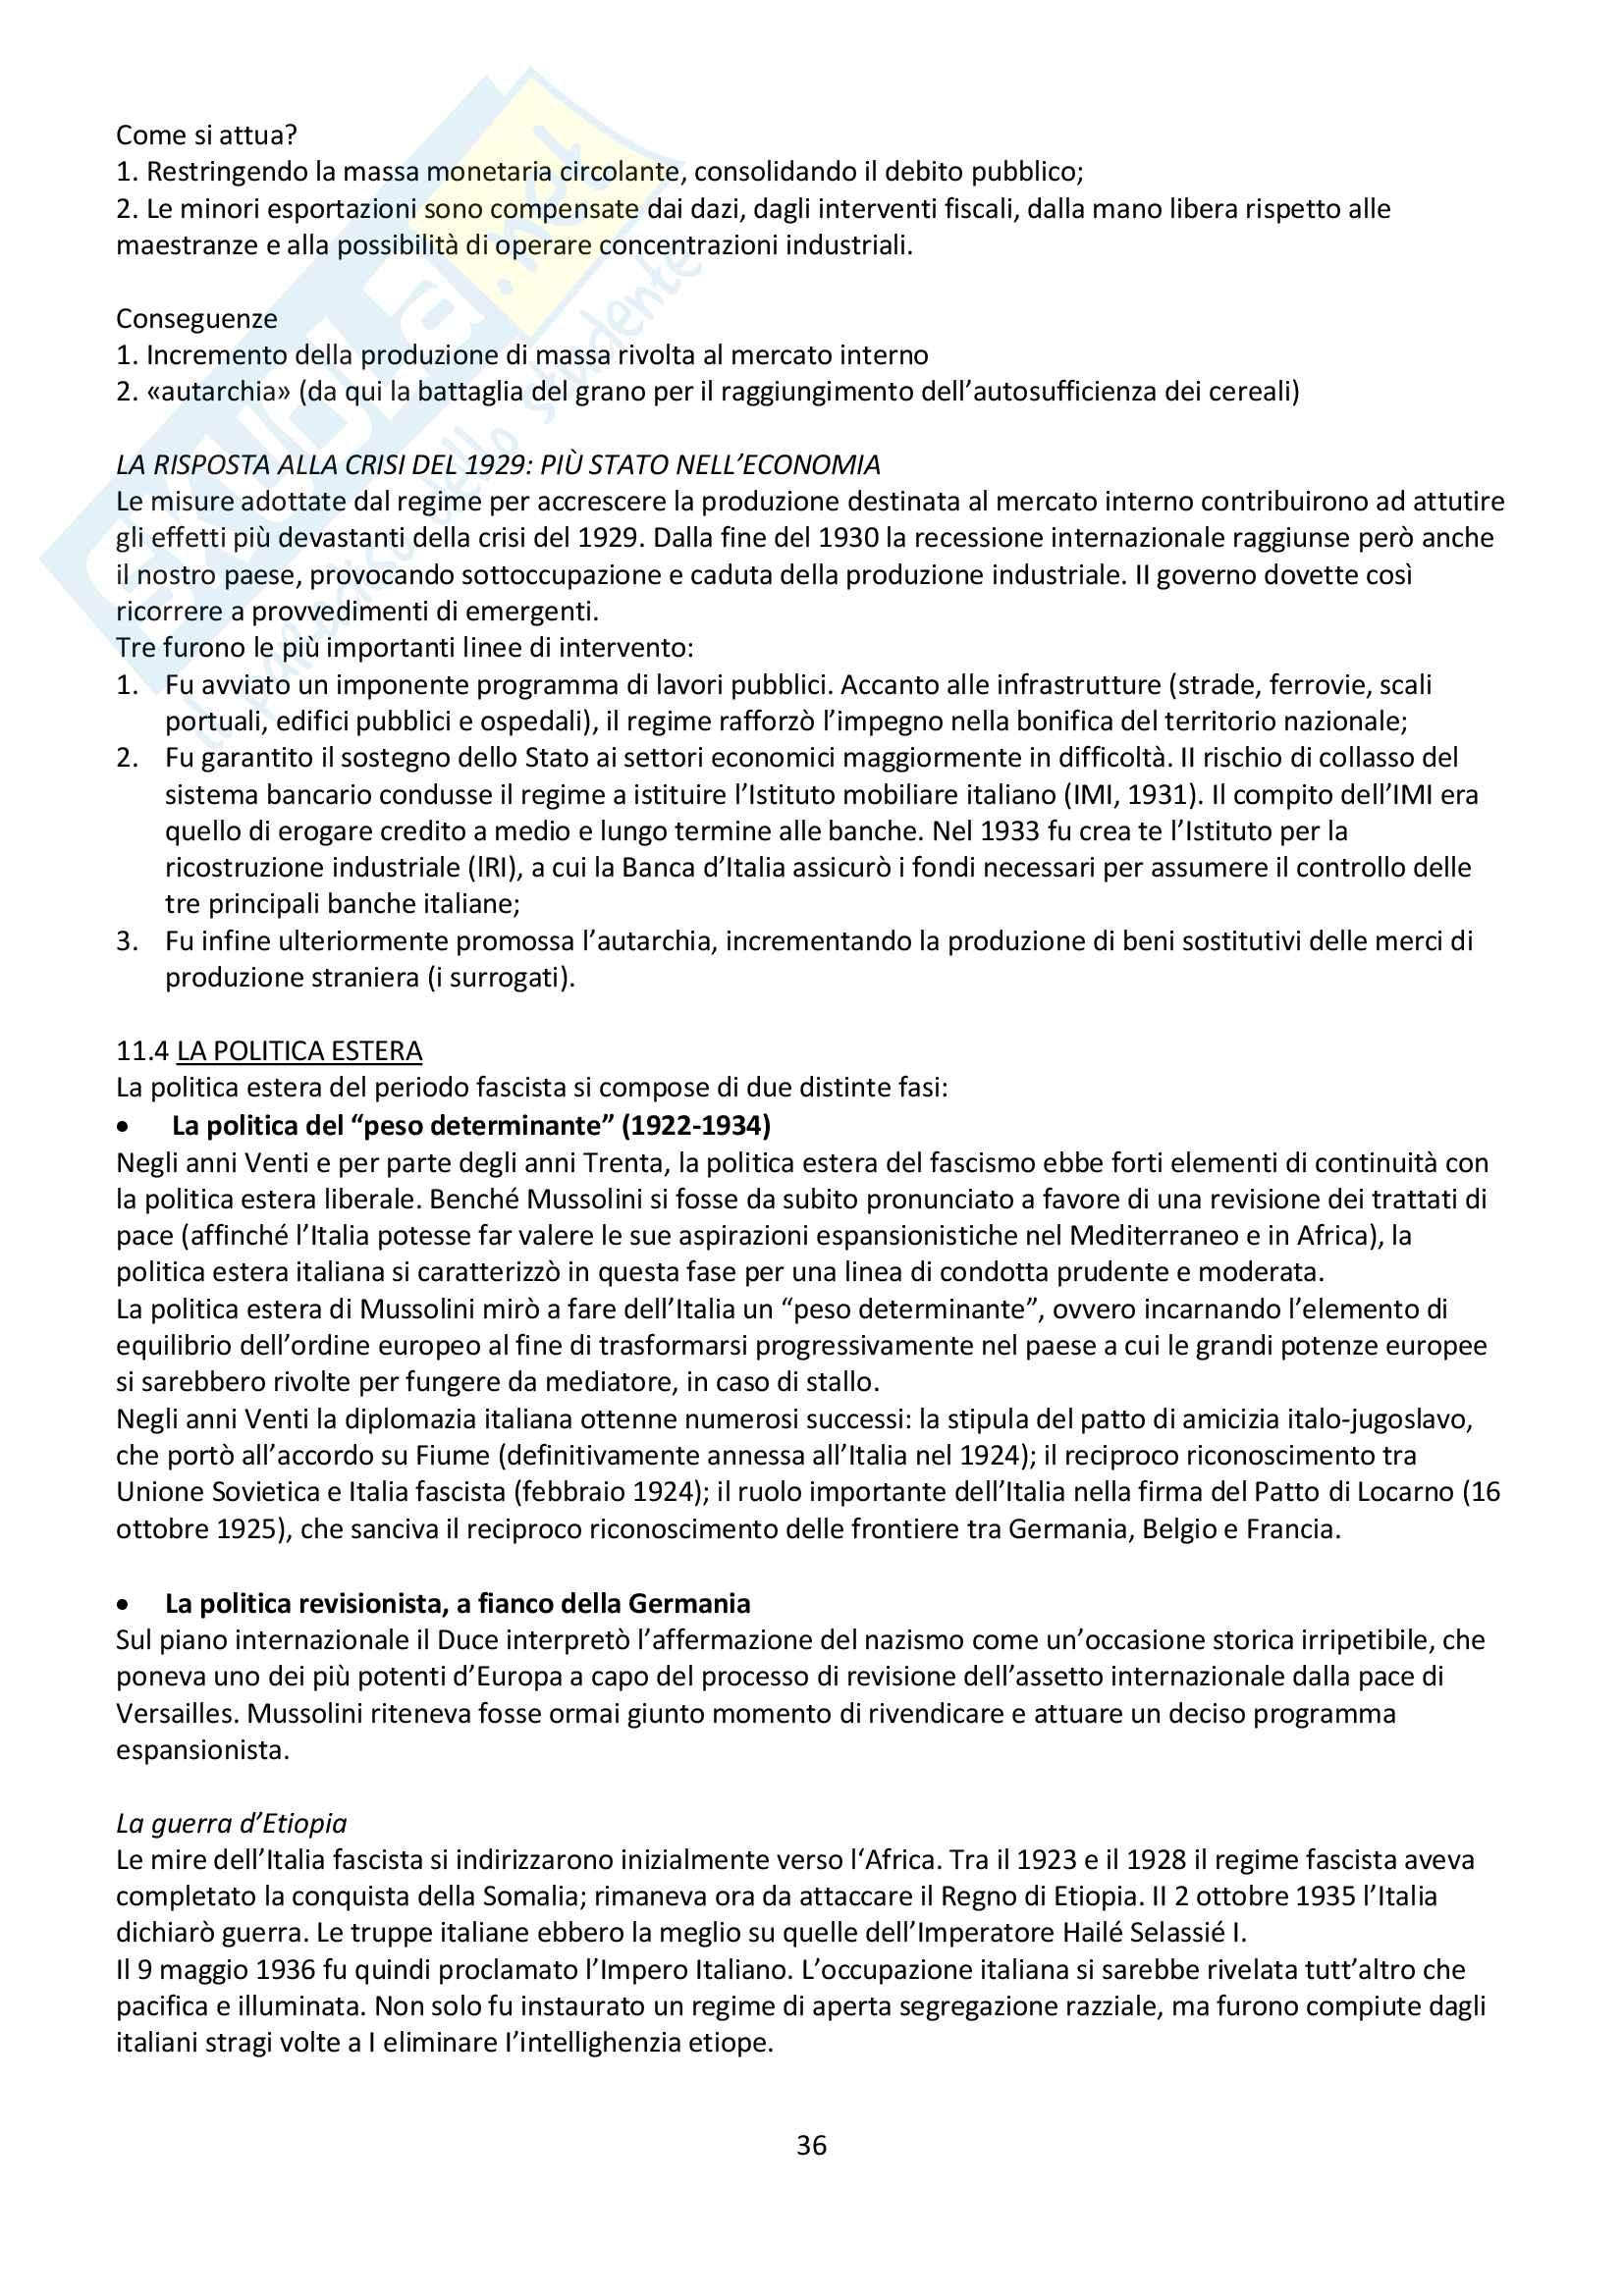 """Riassunto esame storia contemporanea, prof. Baravelli. Libro consigliato """"Venti lezioni di storia contemporanea dal 1848 ad oggi"""", Andrea Baravelli, Ilaria Cerioli Pag. 36"""